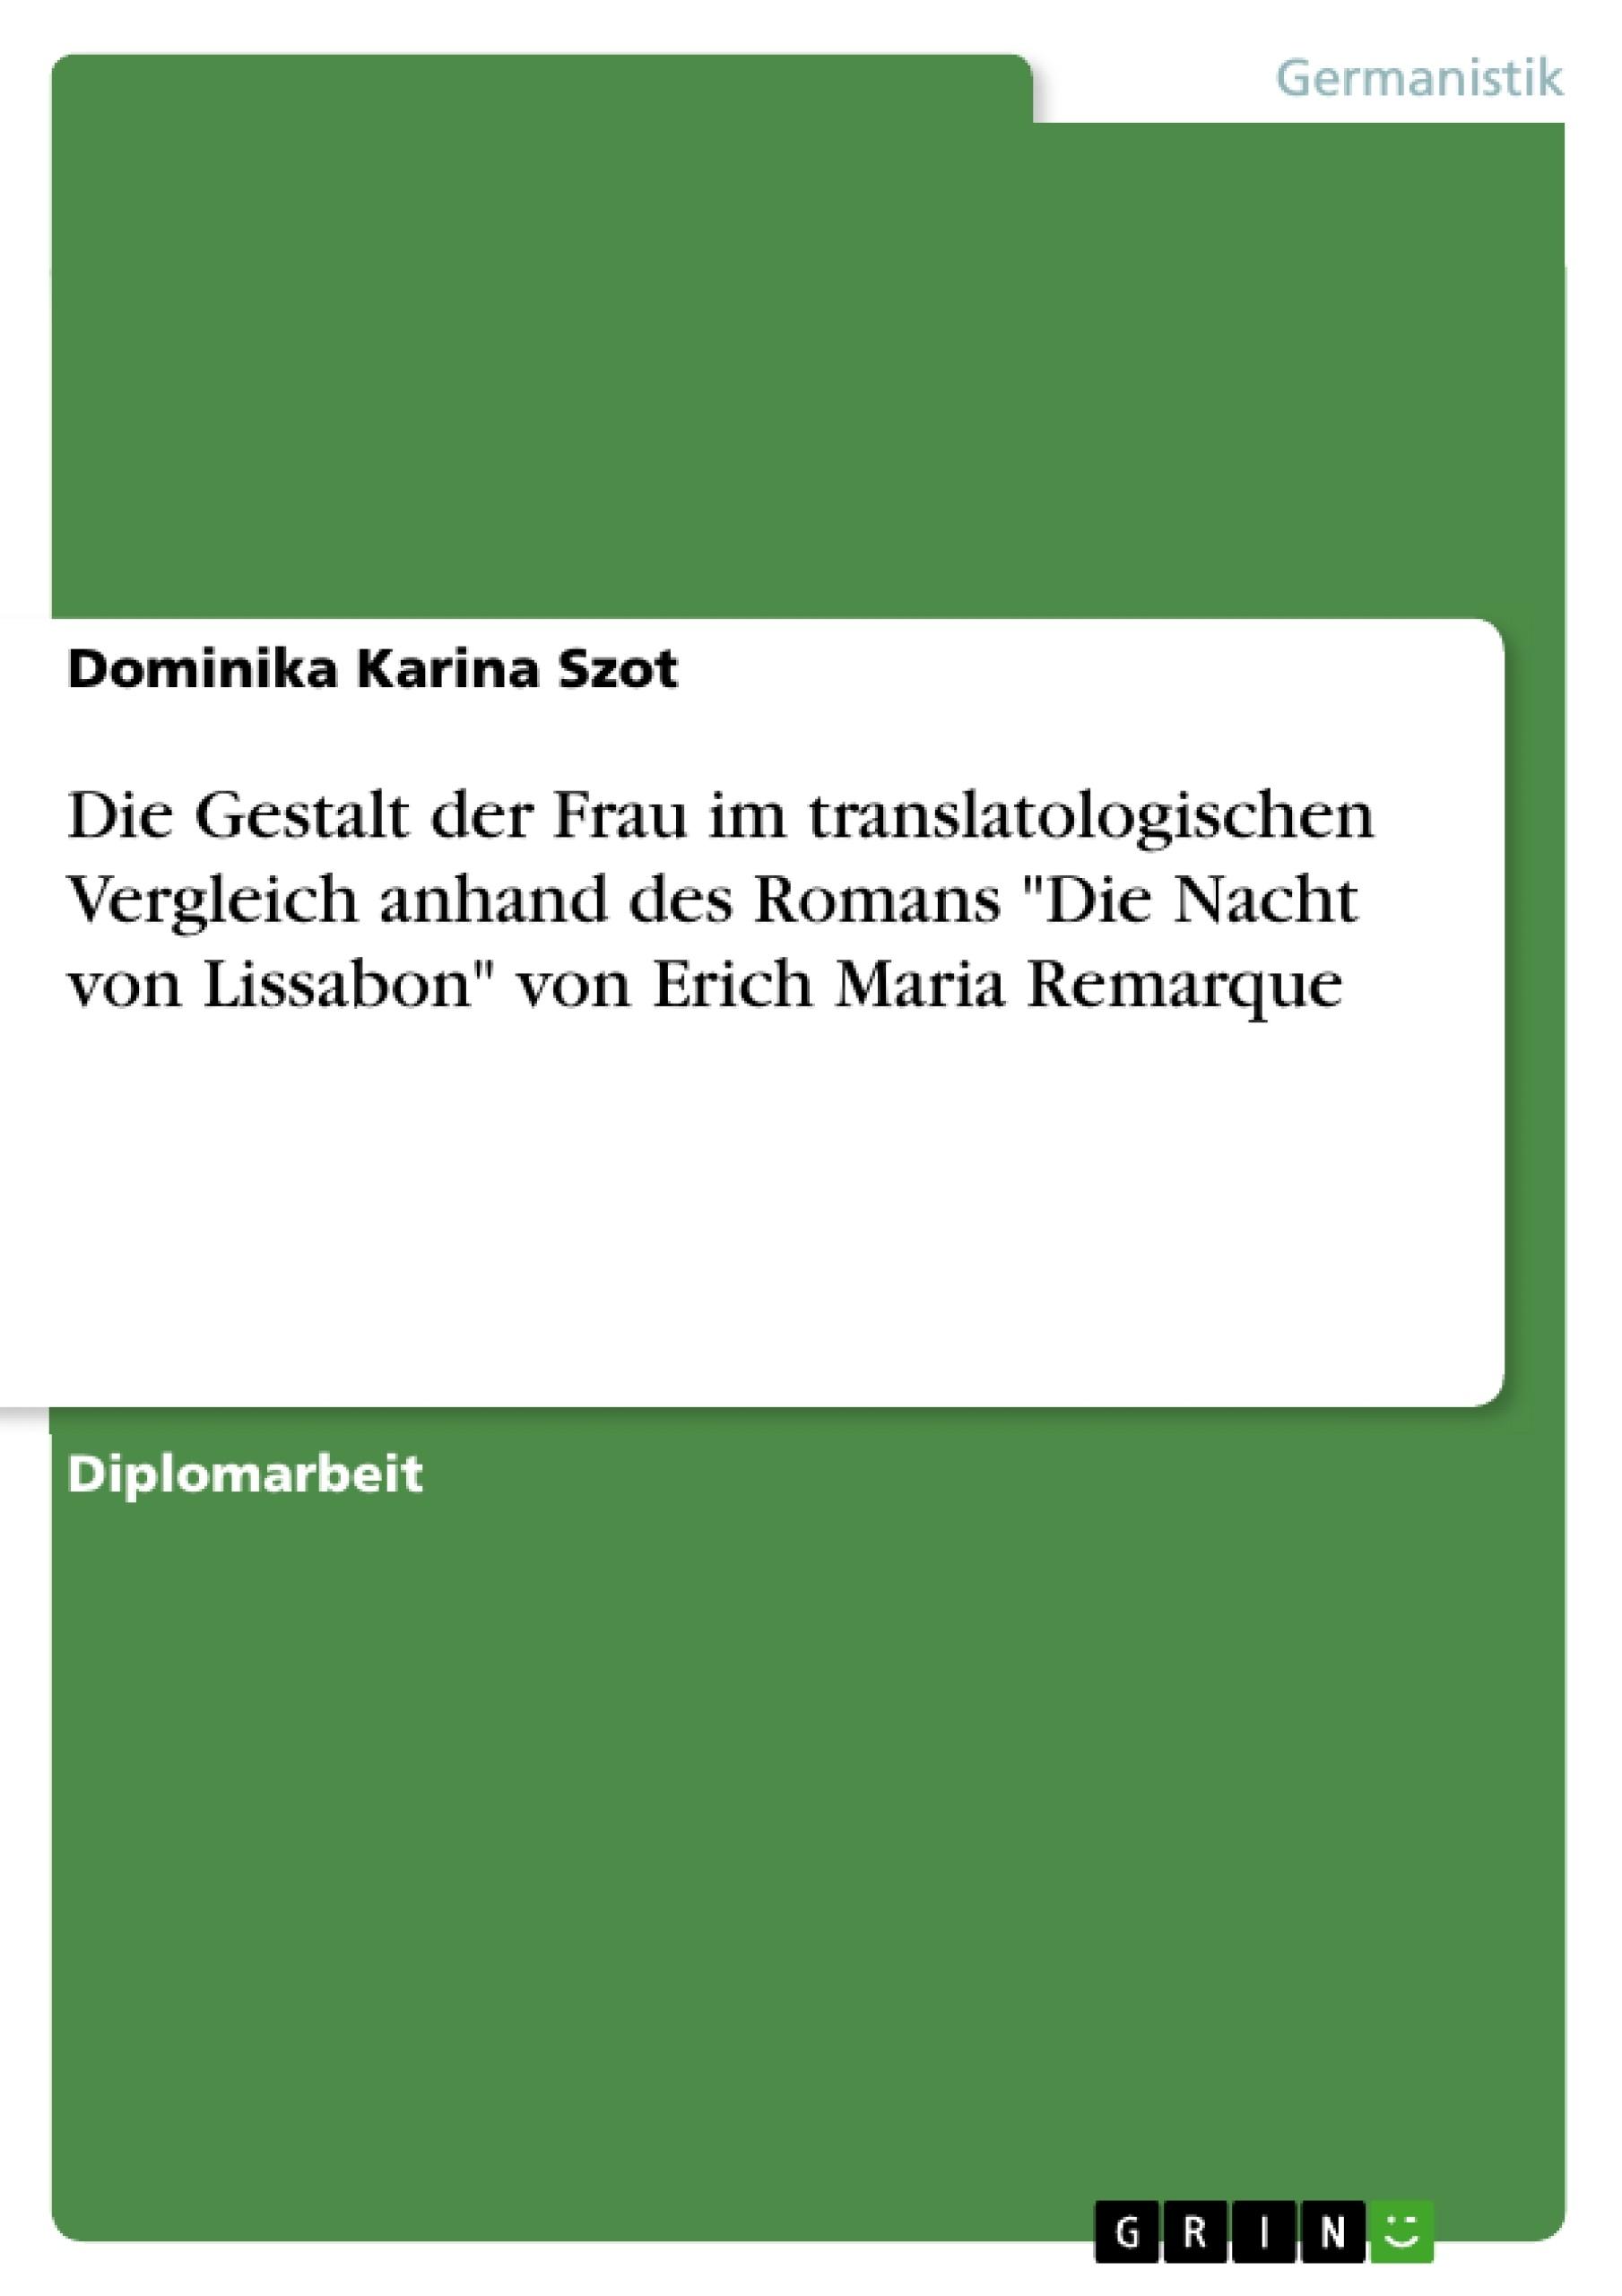 """Titel: Die Gestalt der Frau im translatologischen Vergleich anhand des Romans """"Die Nacht von Lissabon"""" von Erich Maria Remarque"""